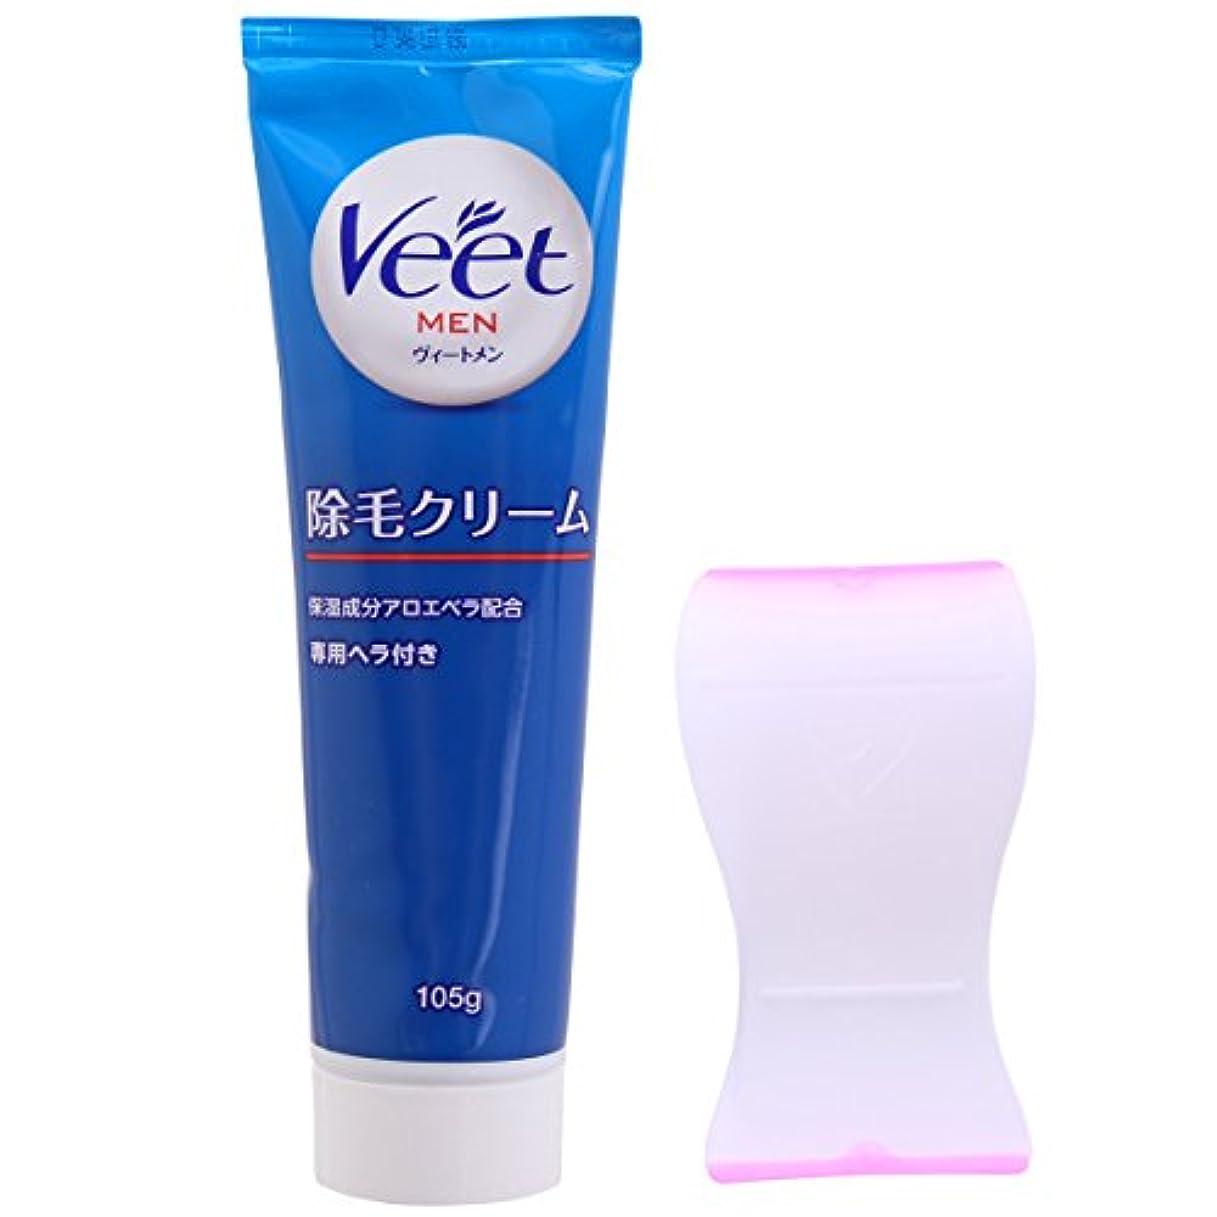 謝る森後ろ、背後、背面(部(ヴィート)Veet メンズ 除毛クリーム あし うで 胸 背中 わきの下